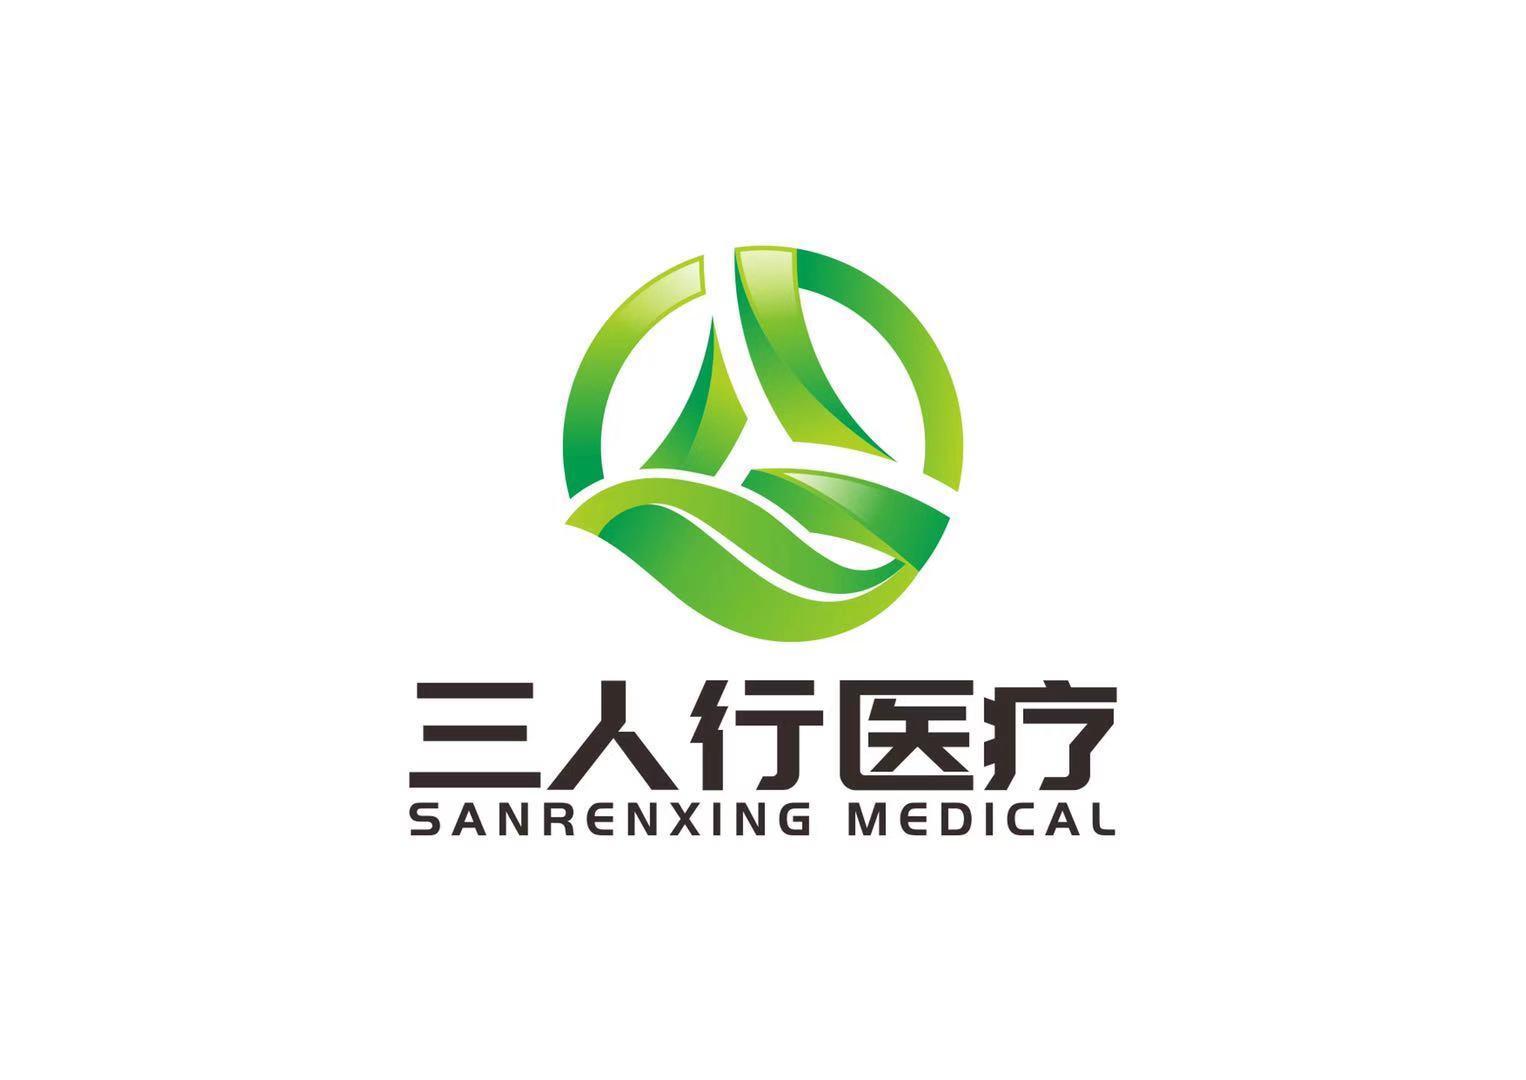 宿遷三人行醫療器械有限公司Logo